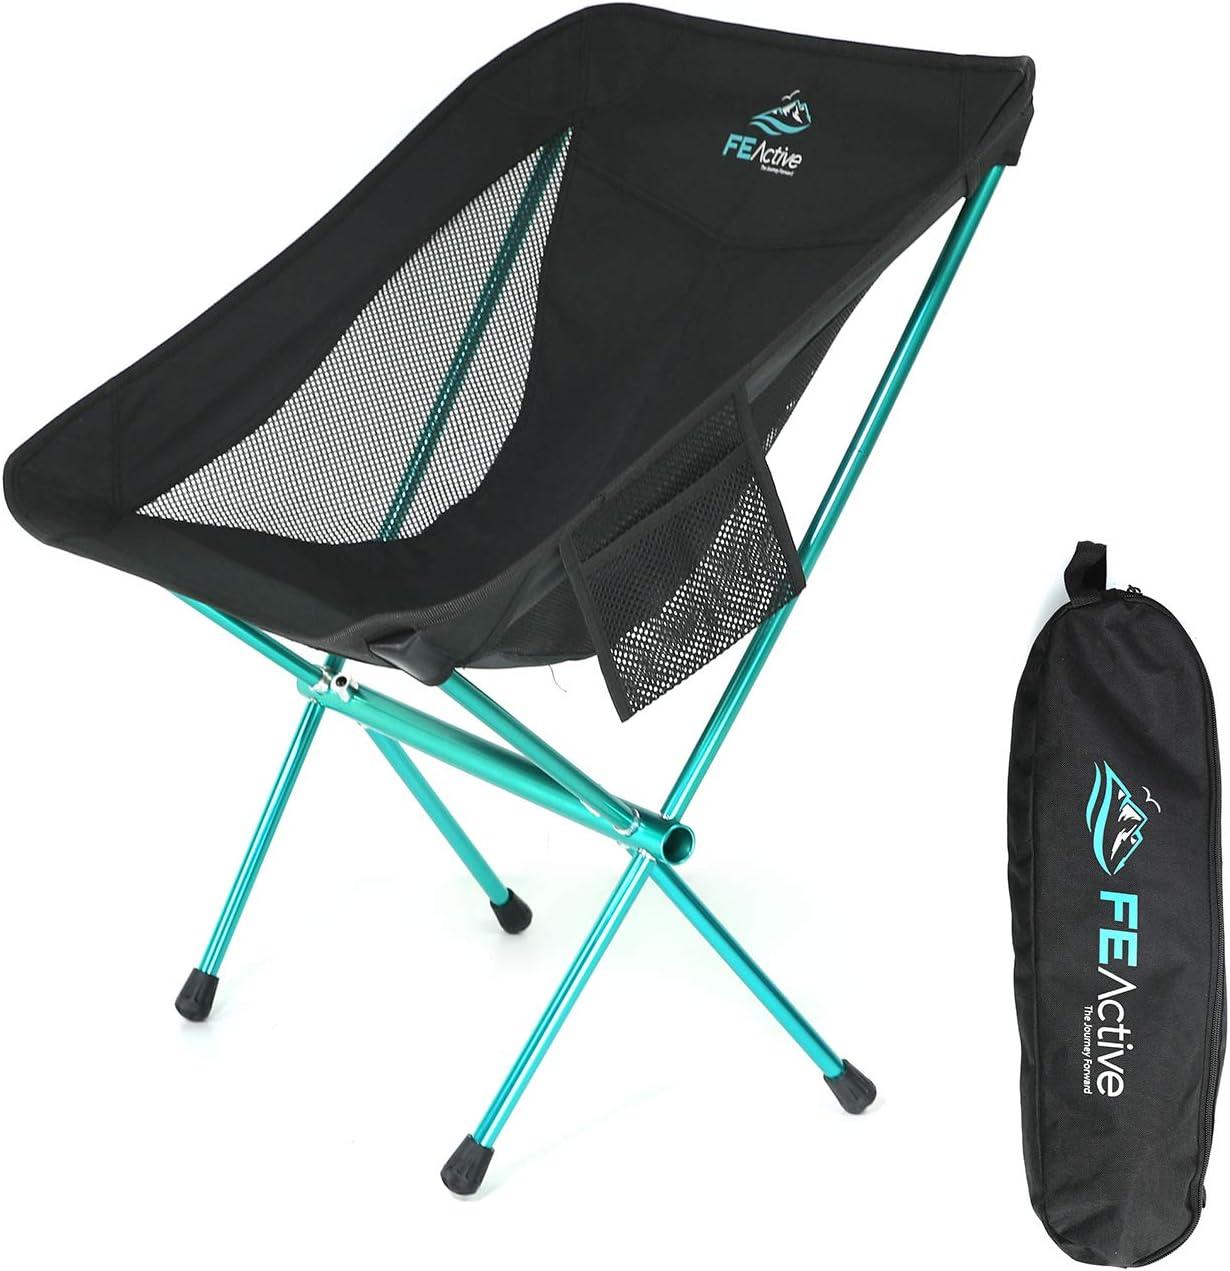 FE Active Silla de Camping Plegable - Silla para Exteriores Compacta, Ligera y Portátil. Silla de Camping para Adultos y Niños. Ideal para Viajes, Mochileros, Pesca, Playa | Diseñada en California